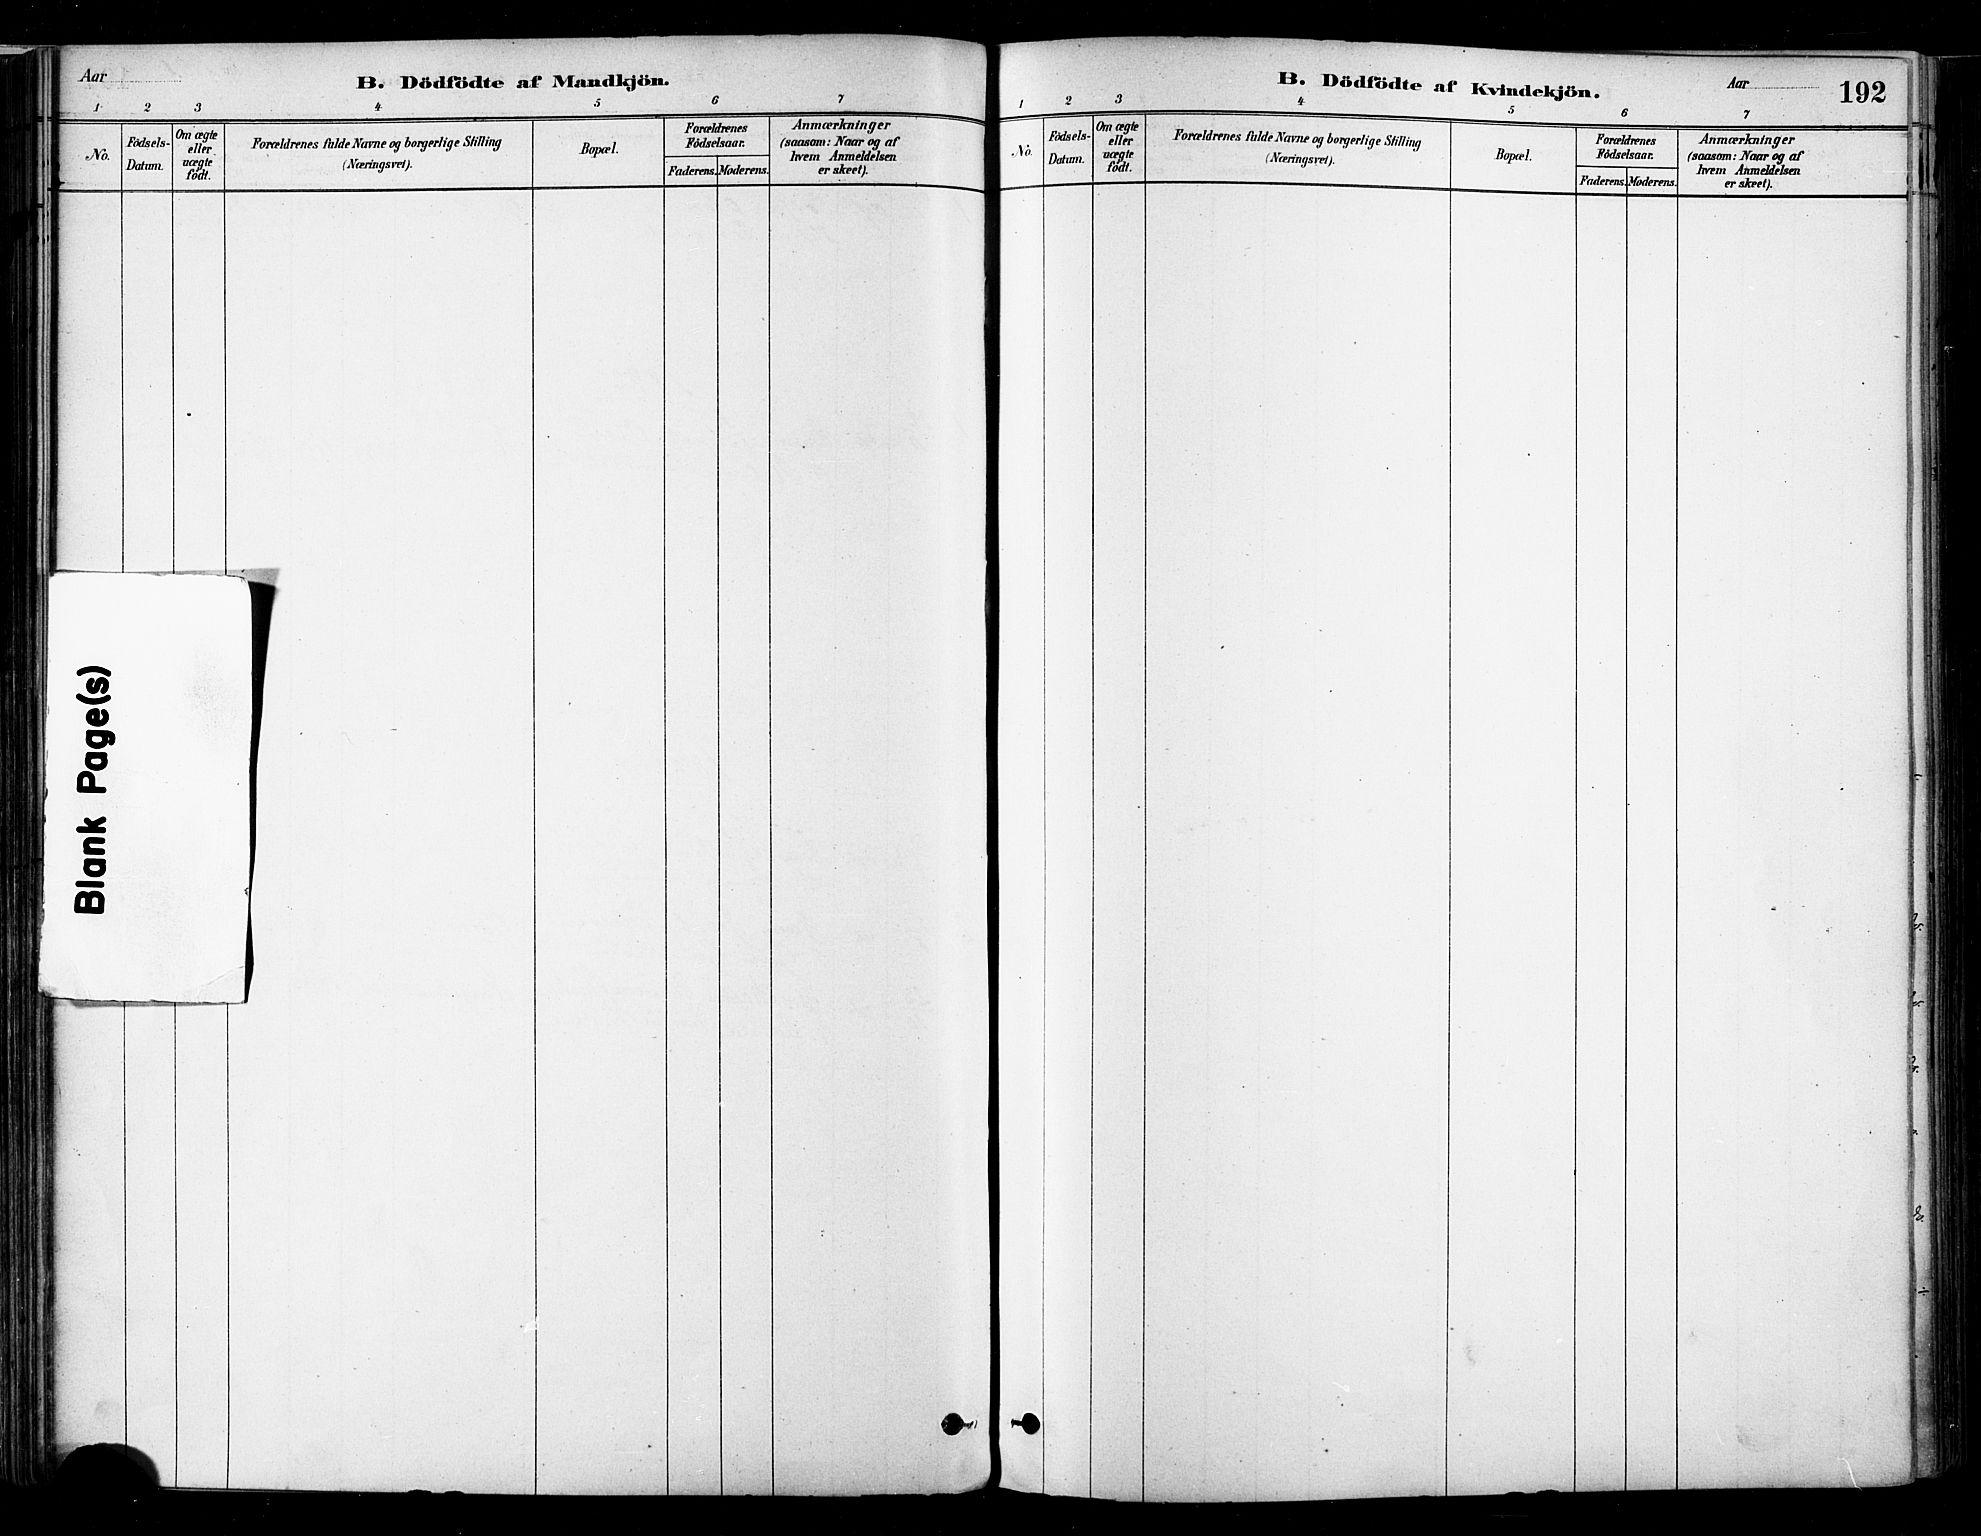 SAT, Ministerialprotokoller, klokkerbøker og fødselsregistre - Nordland, 802/L0054: Parish register (official) no. 802A01, 1879-1893, p. 192